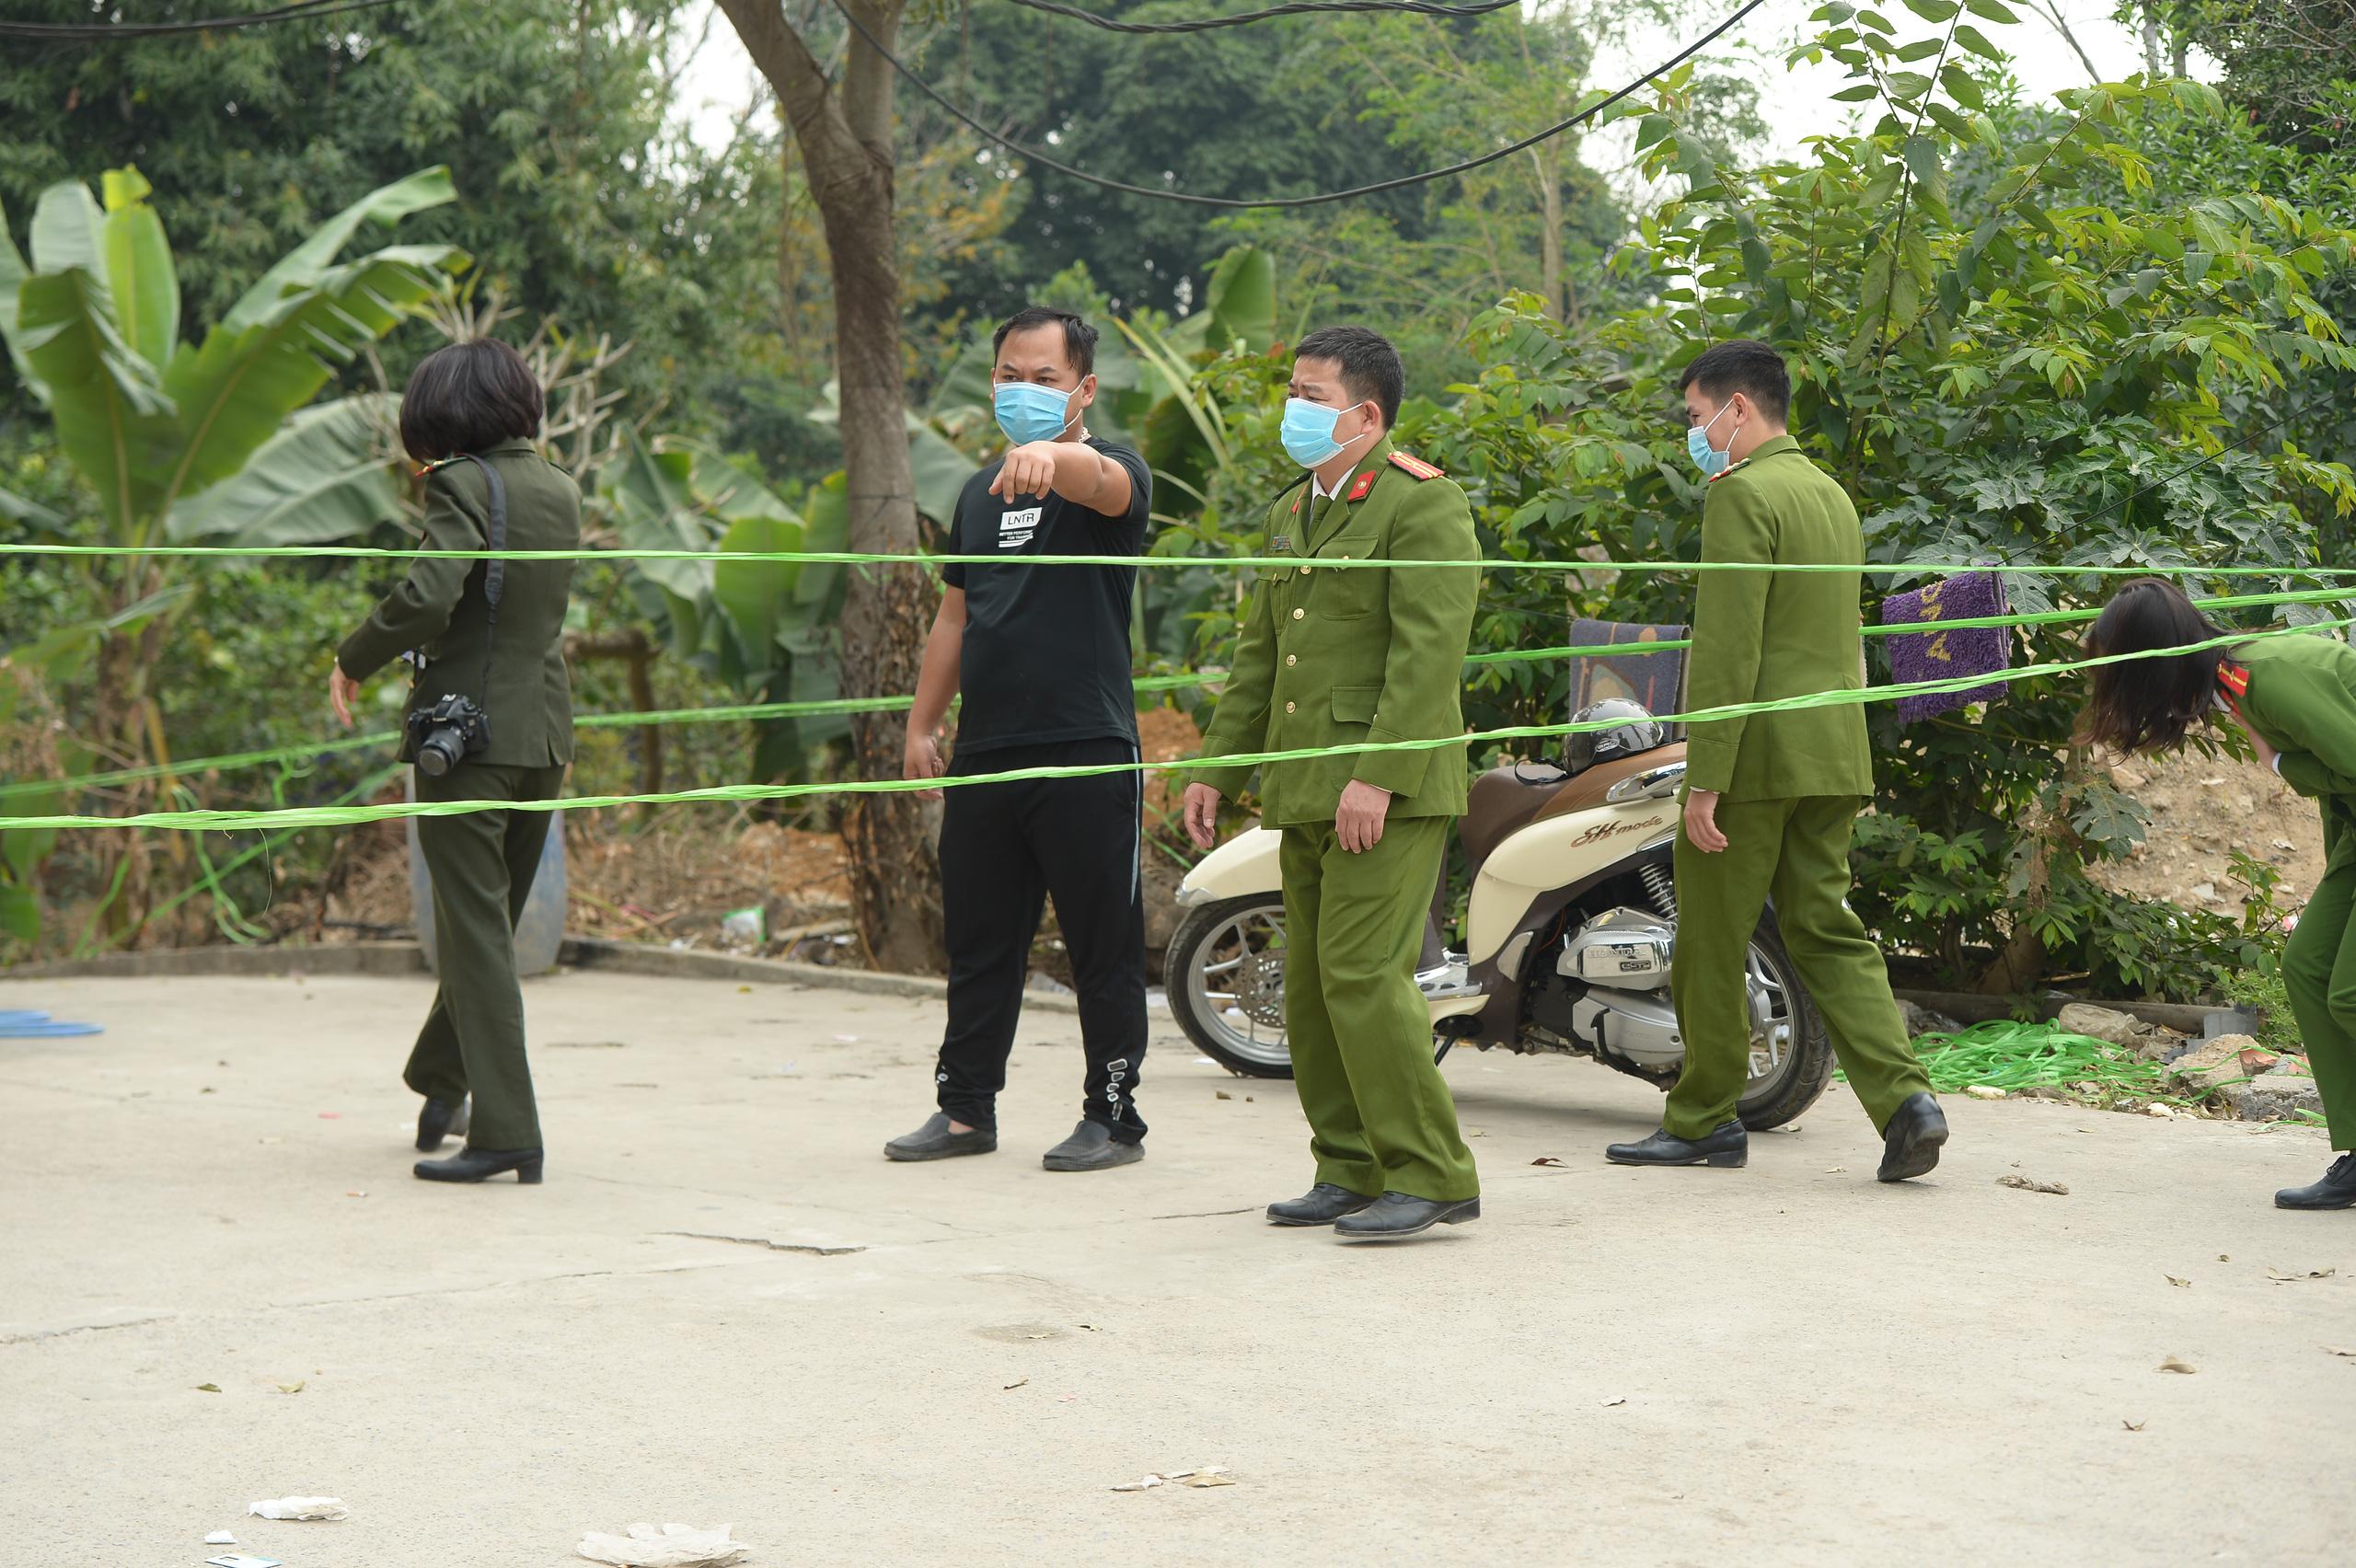 Hiện trường vụ truy sát 3 người chết, 5 người bị thương ở Hòa  Bình - Ảnh 5.